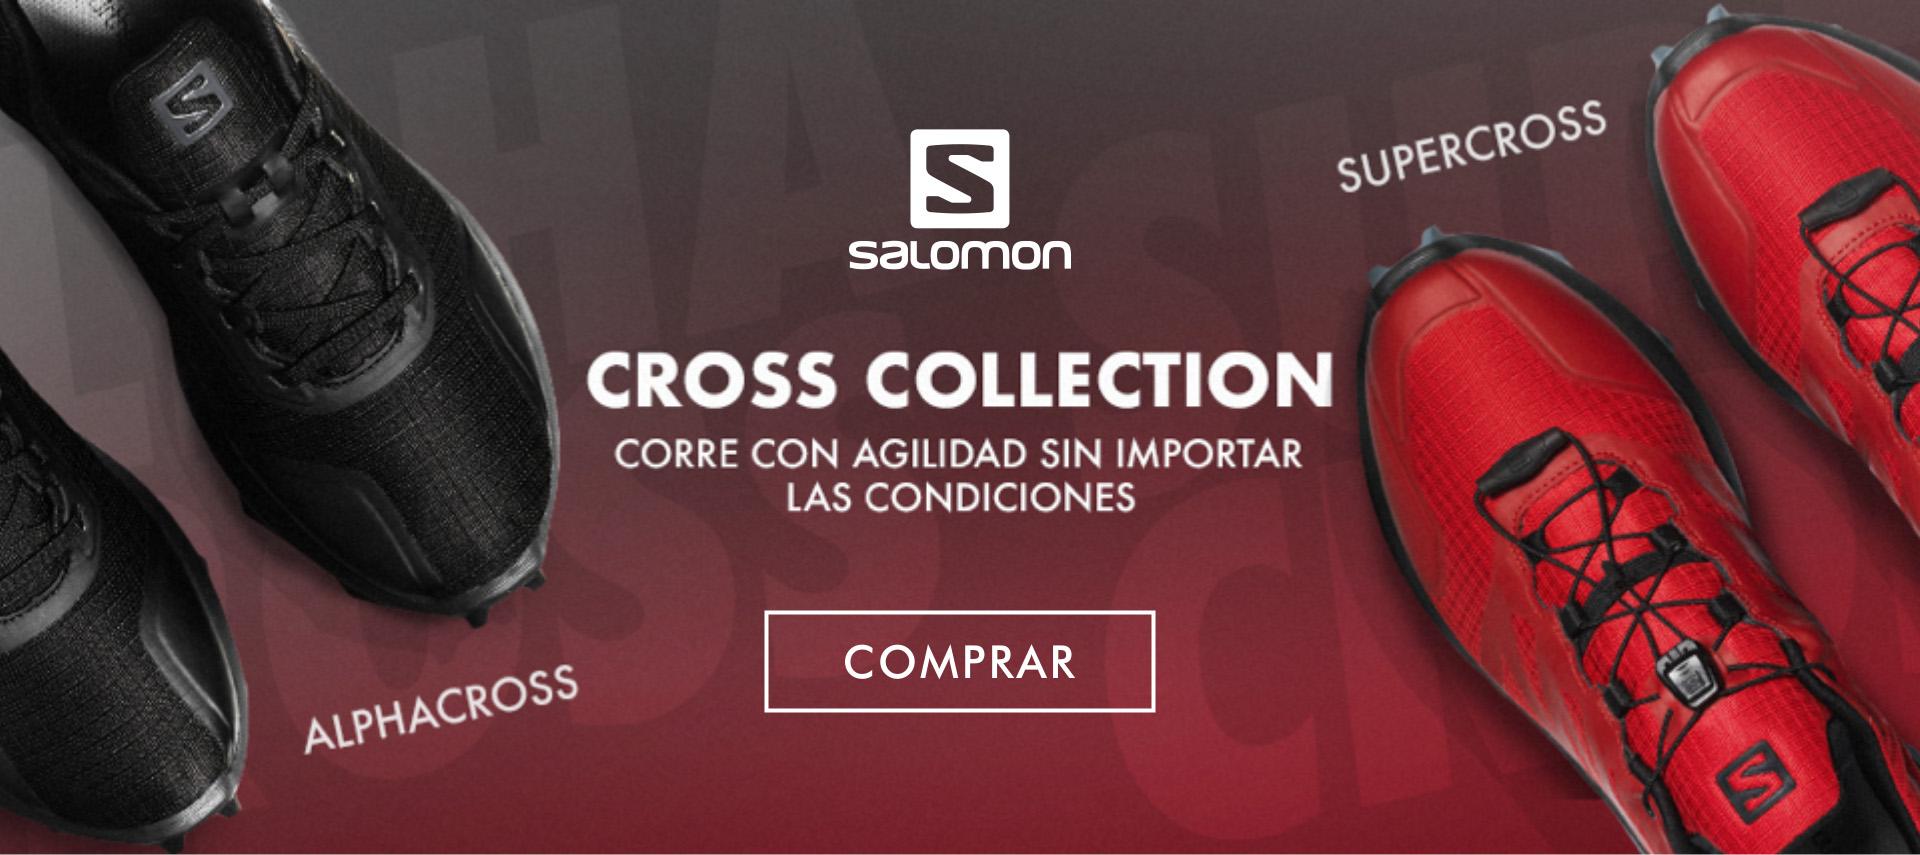 salomon cross